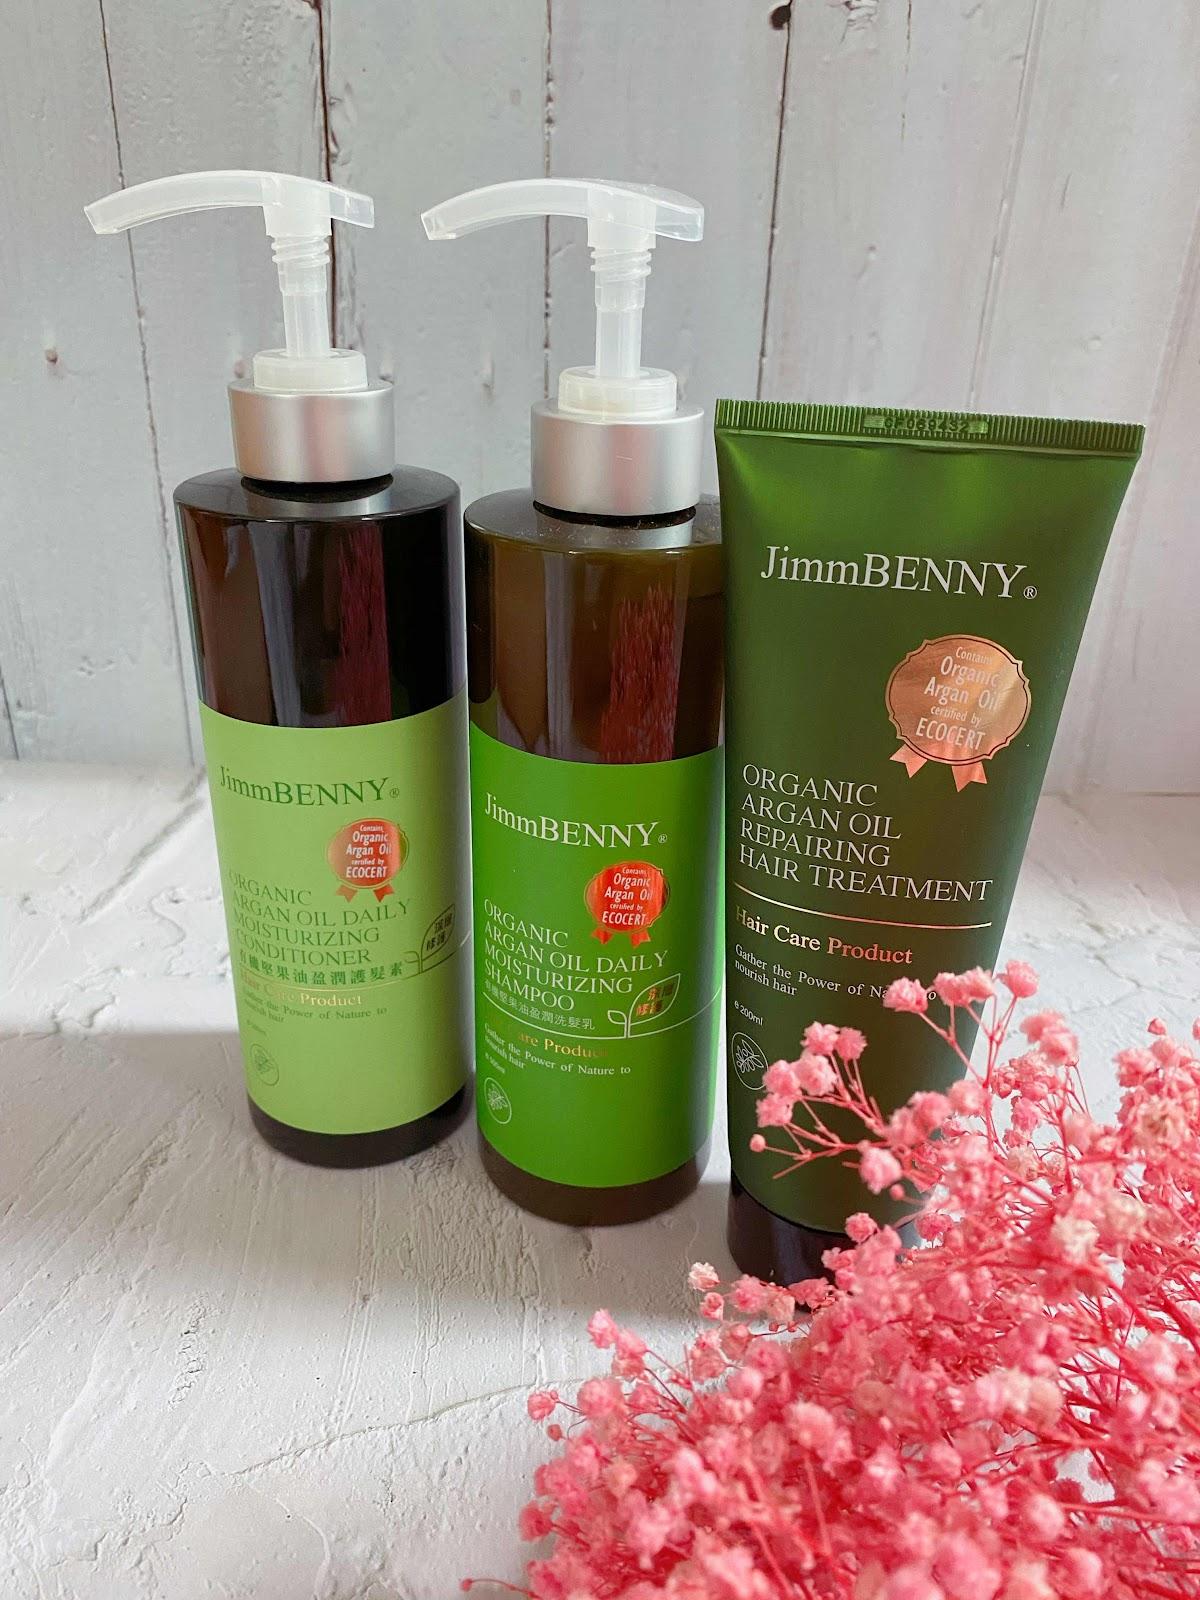 秋冬護髮之選,JimmBENNY 有機堅果油系列